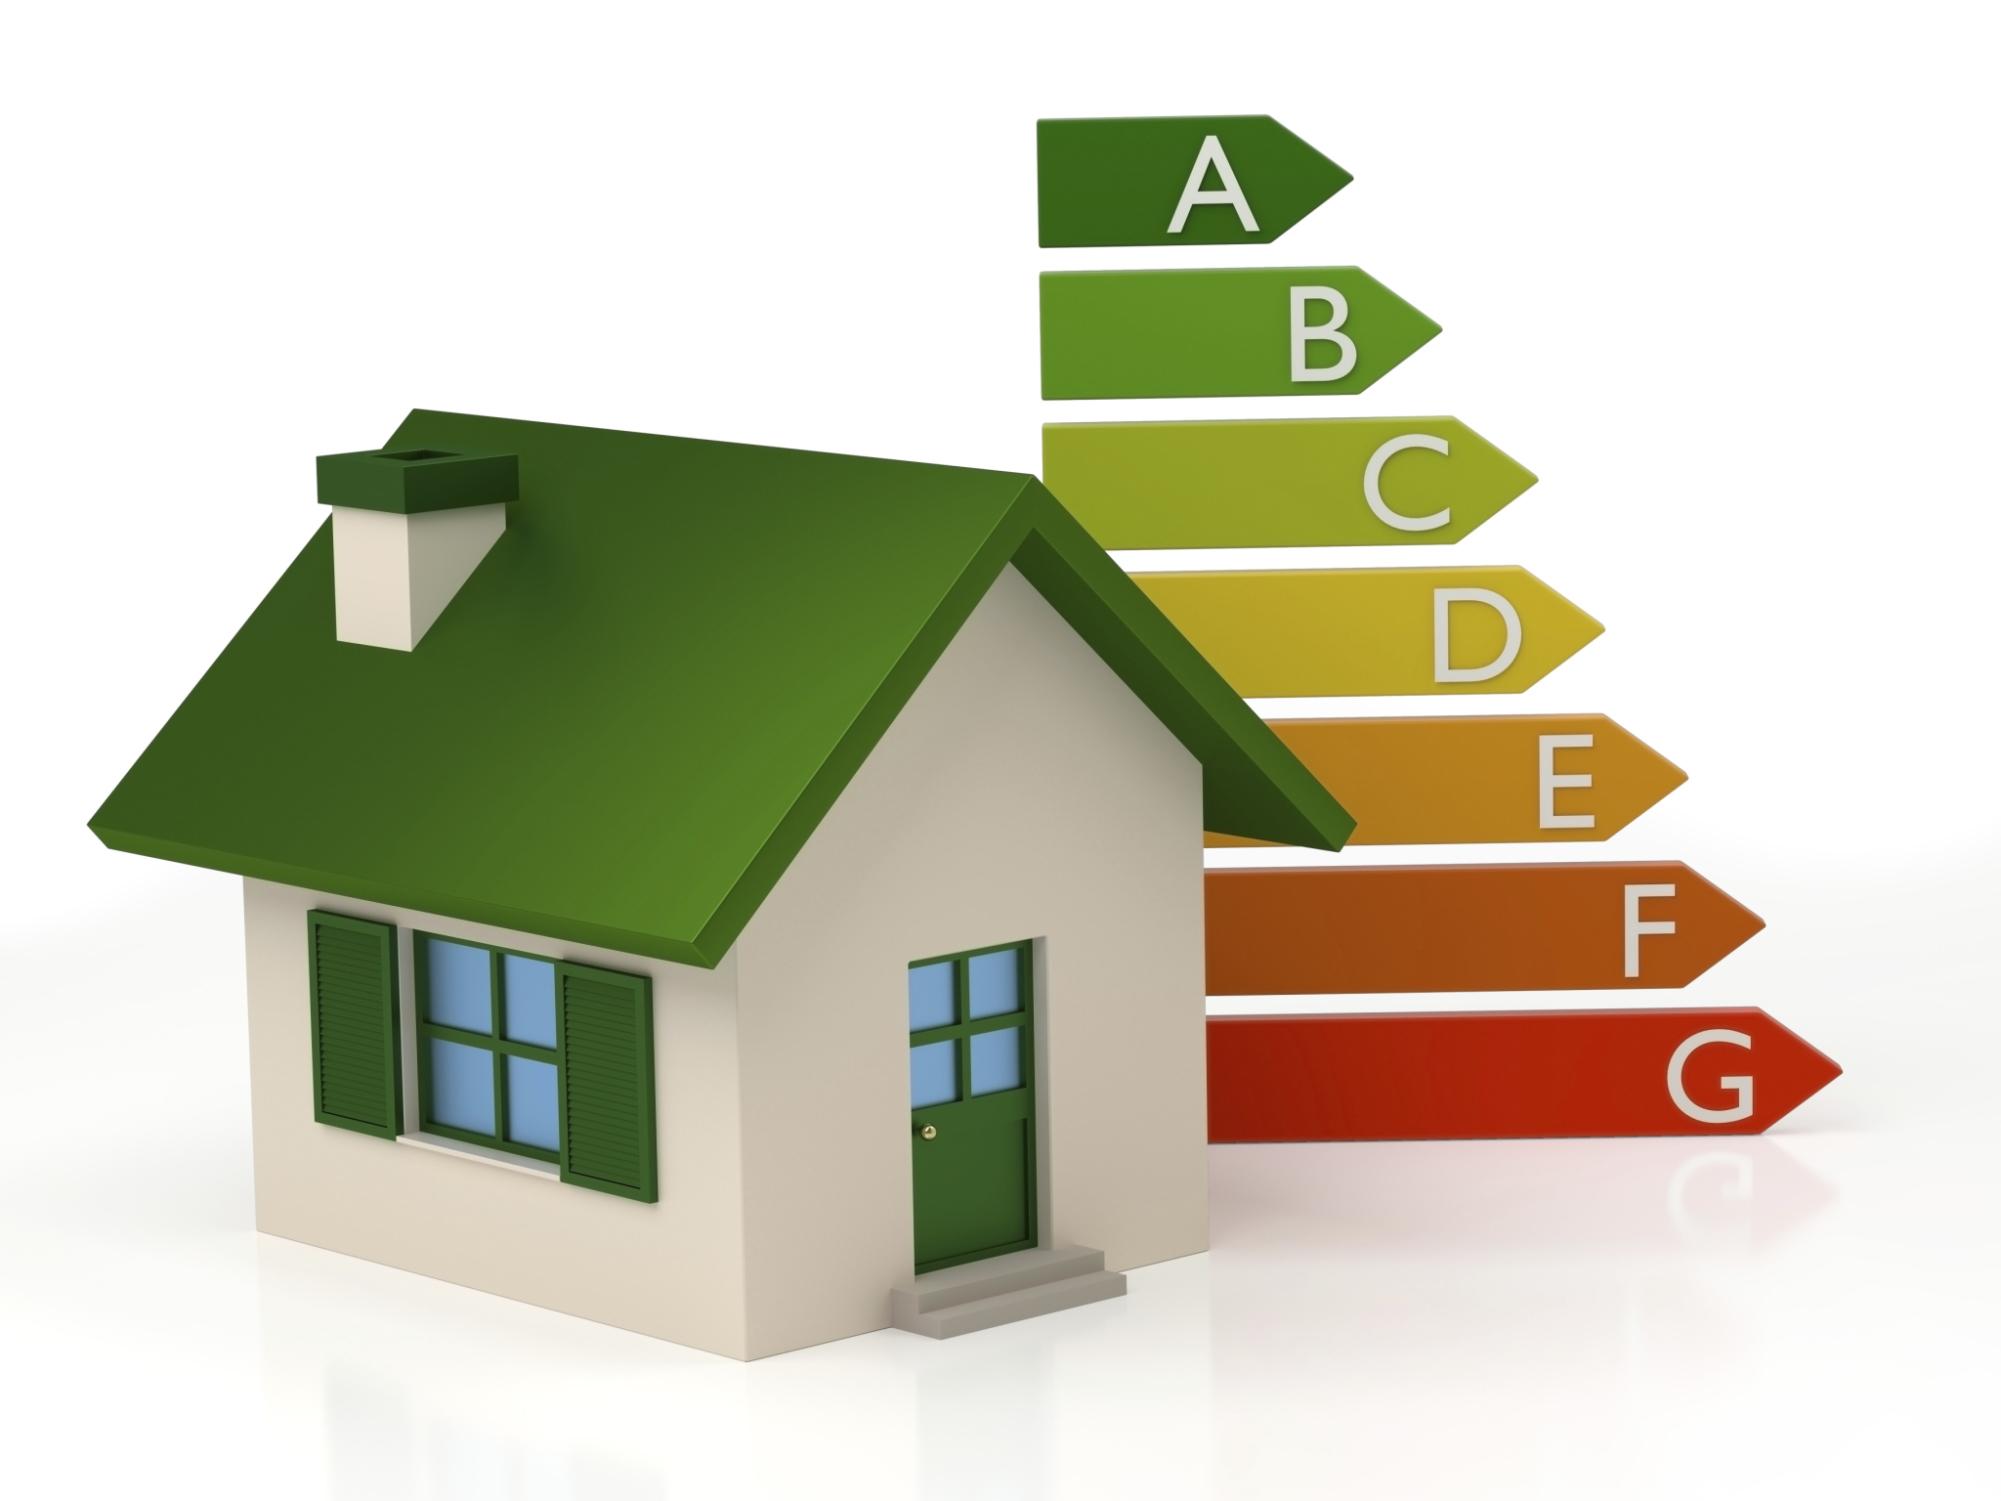 Detrazioni fiscali per efficienza energetica al 65 e ristrutturazione del 50 - Spese notarili acquisto prima casa detraibili ...